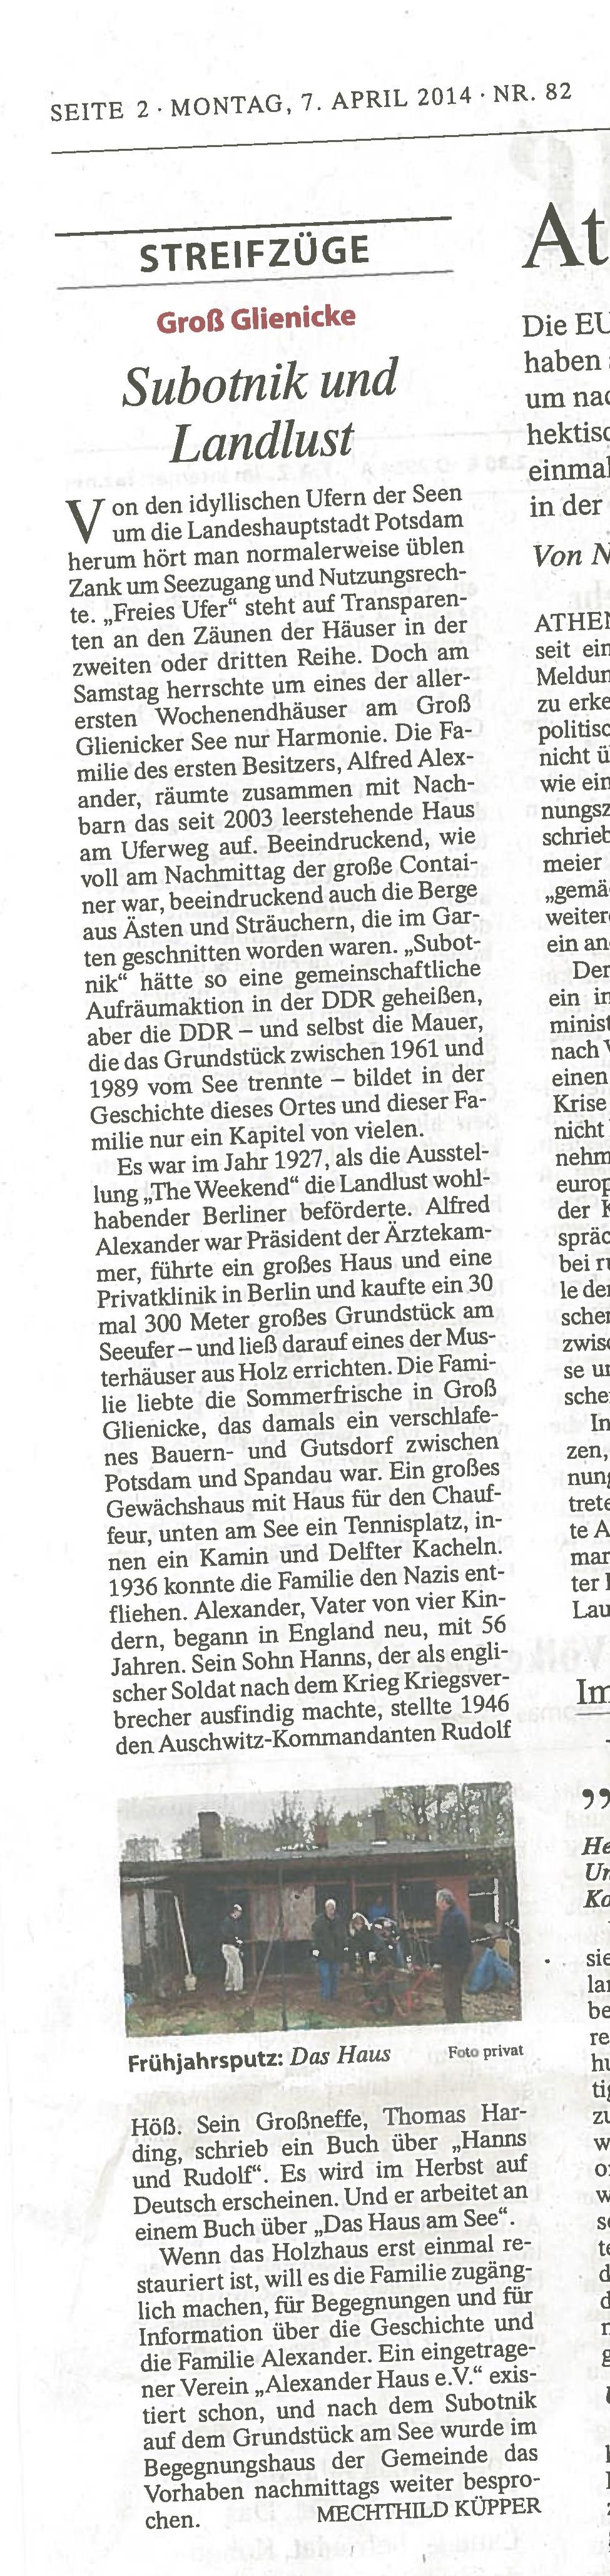 Frankfurter Allgemeine Zeitung 7.4.2014